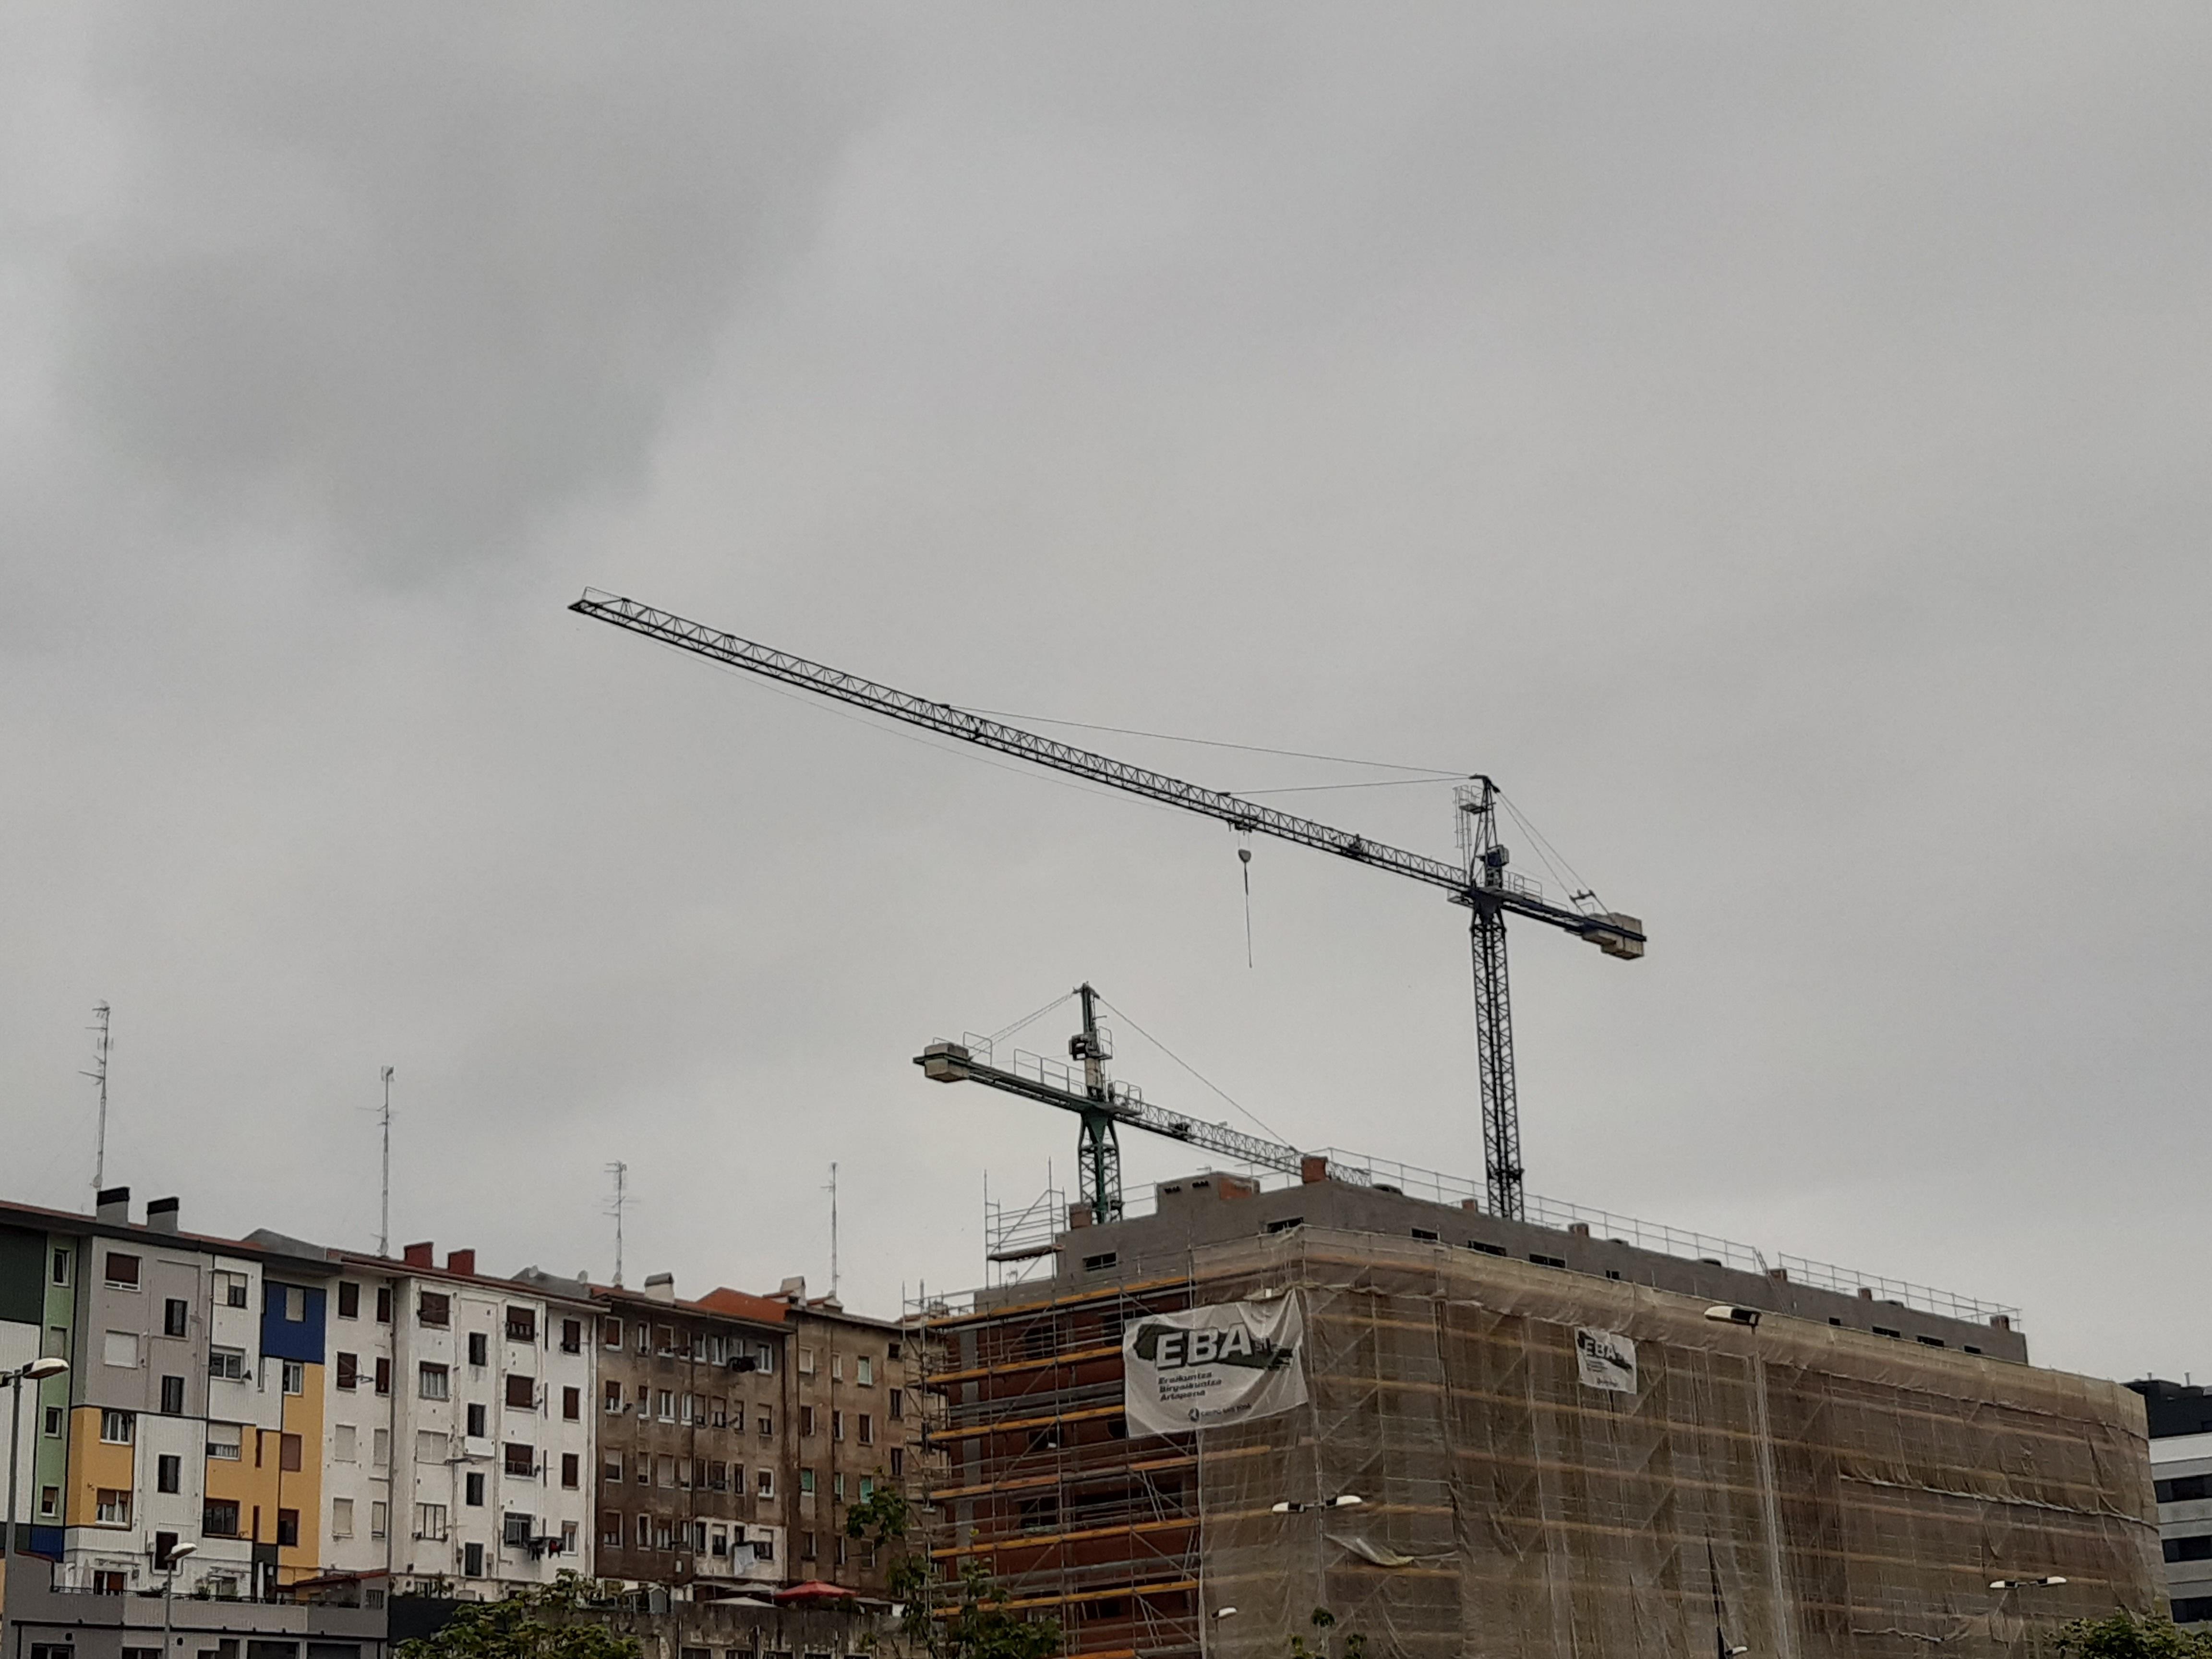 Obras de construcción de un bloque de viviendas.